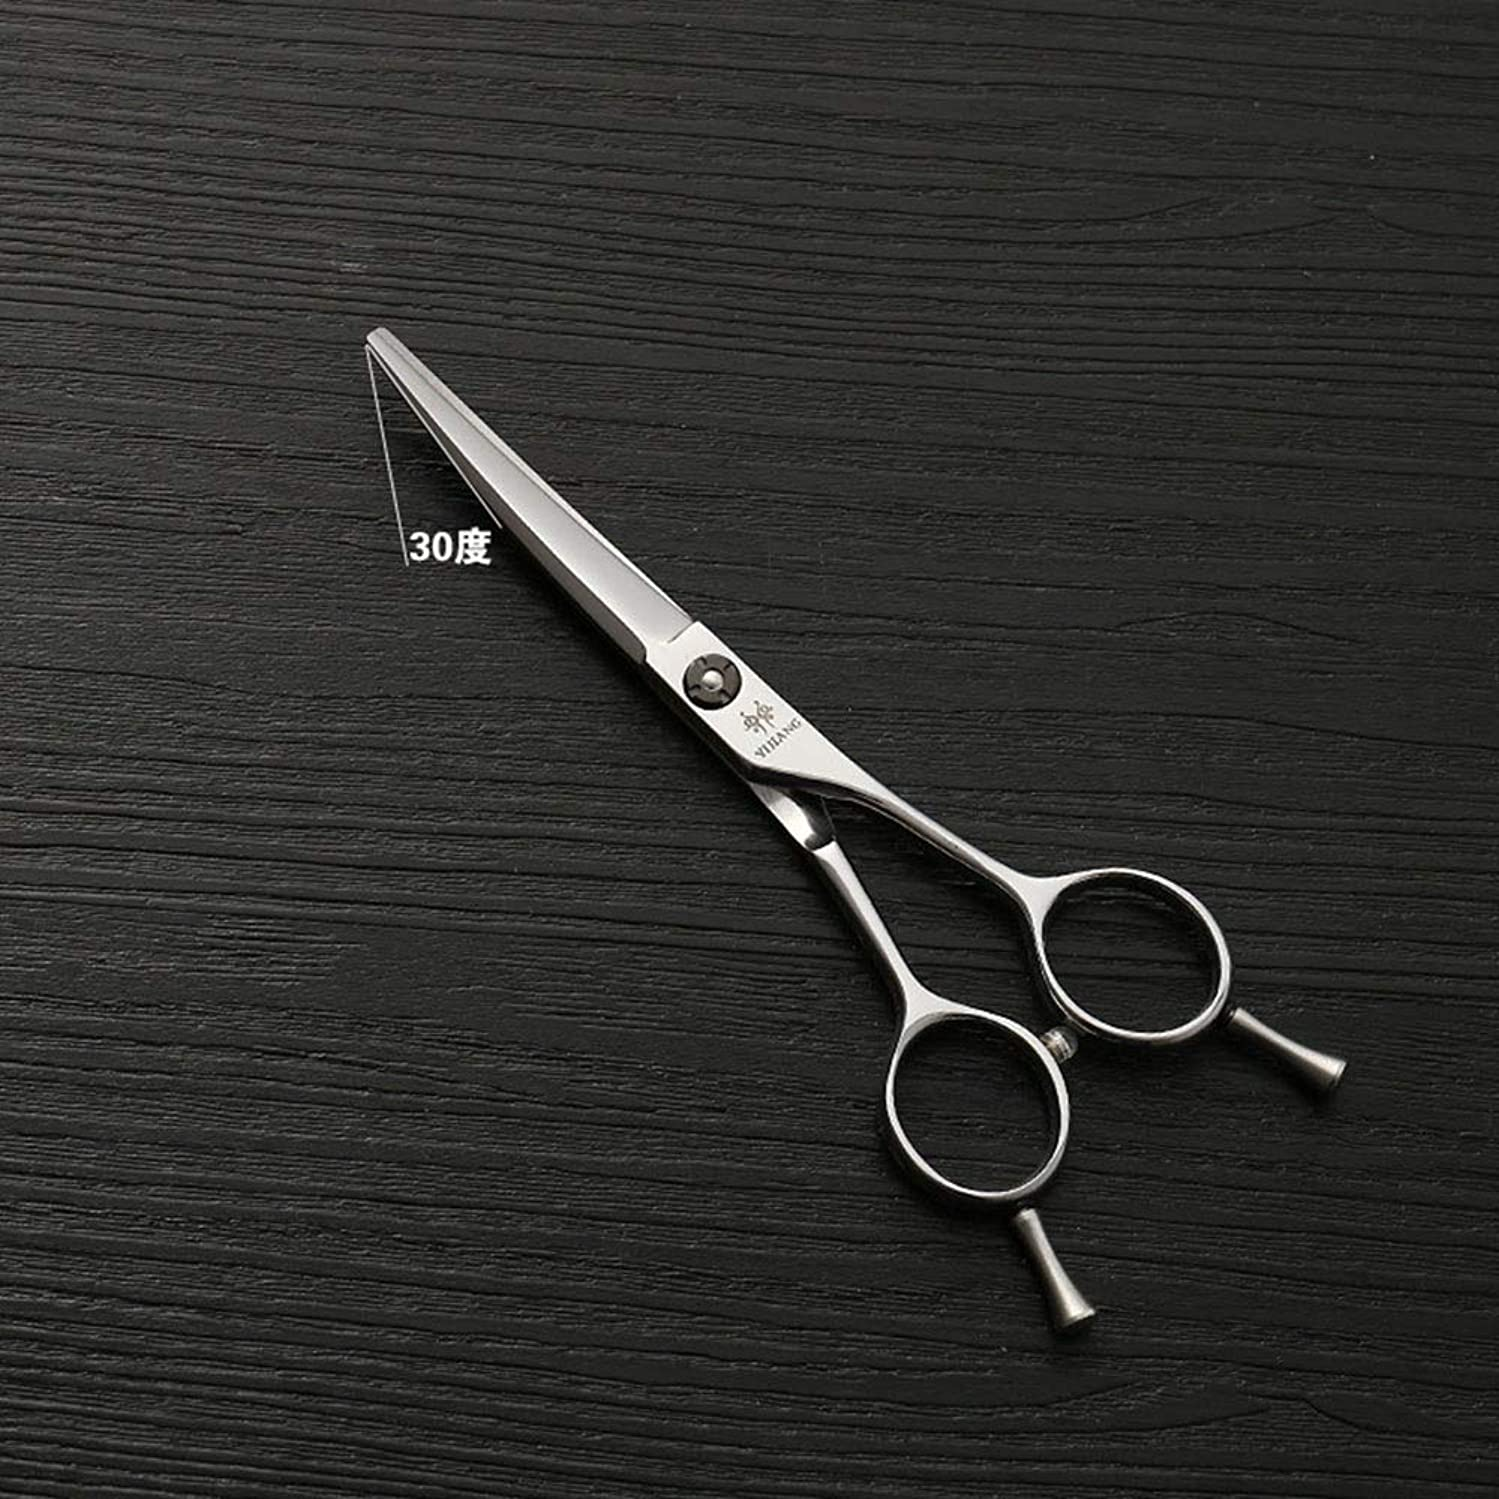 別々にメダリストビタミン440Cステンレス鋼バリカン、5.5インチ美容院プロのバリカンハイグレードシルバー理髪ツール モデリングツール (色 : Silver)